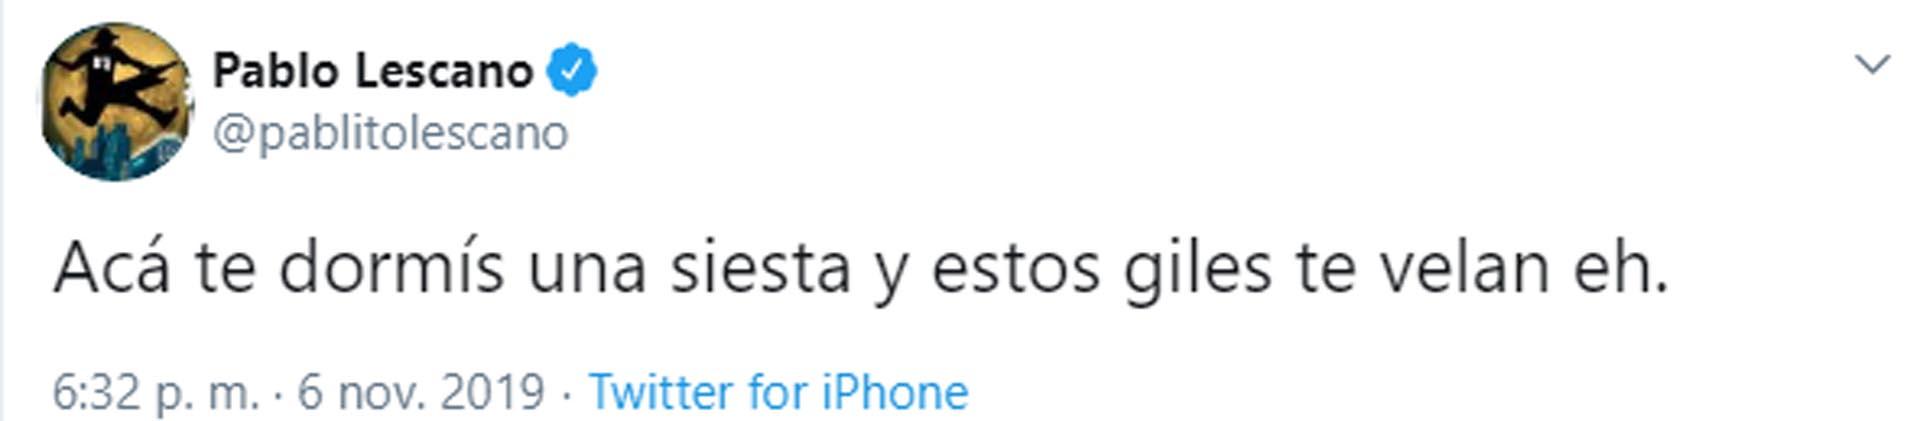 Uno de los mensajes del cantante (Foto: Twitter)